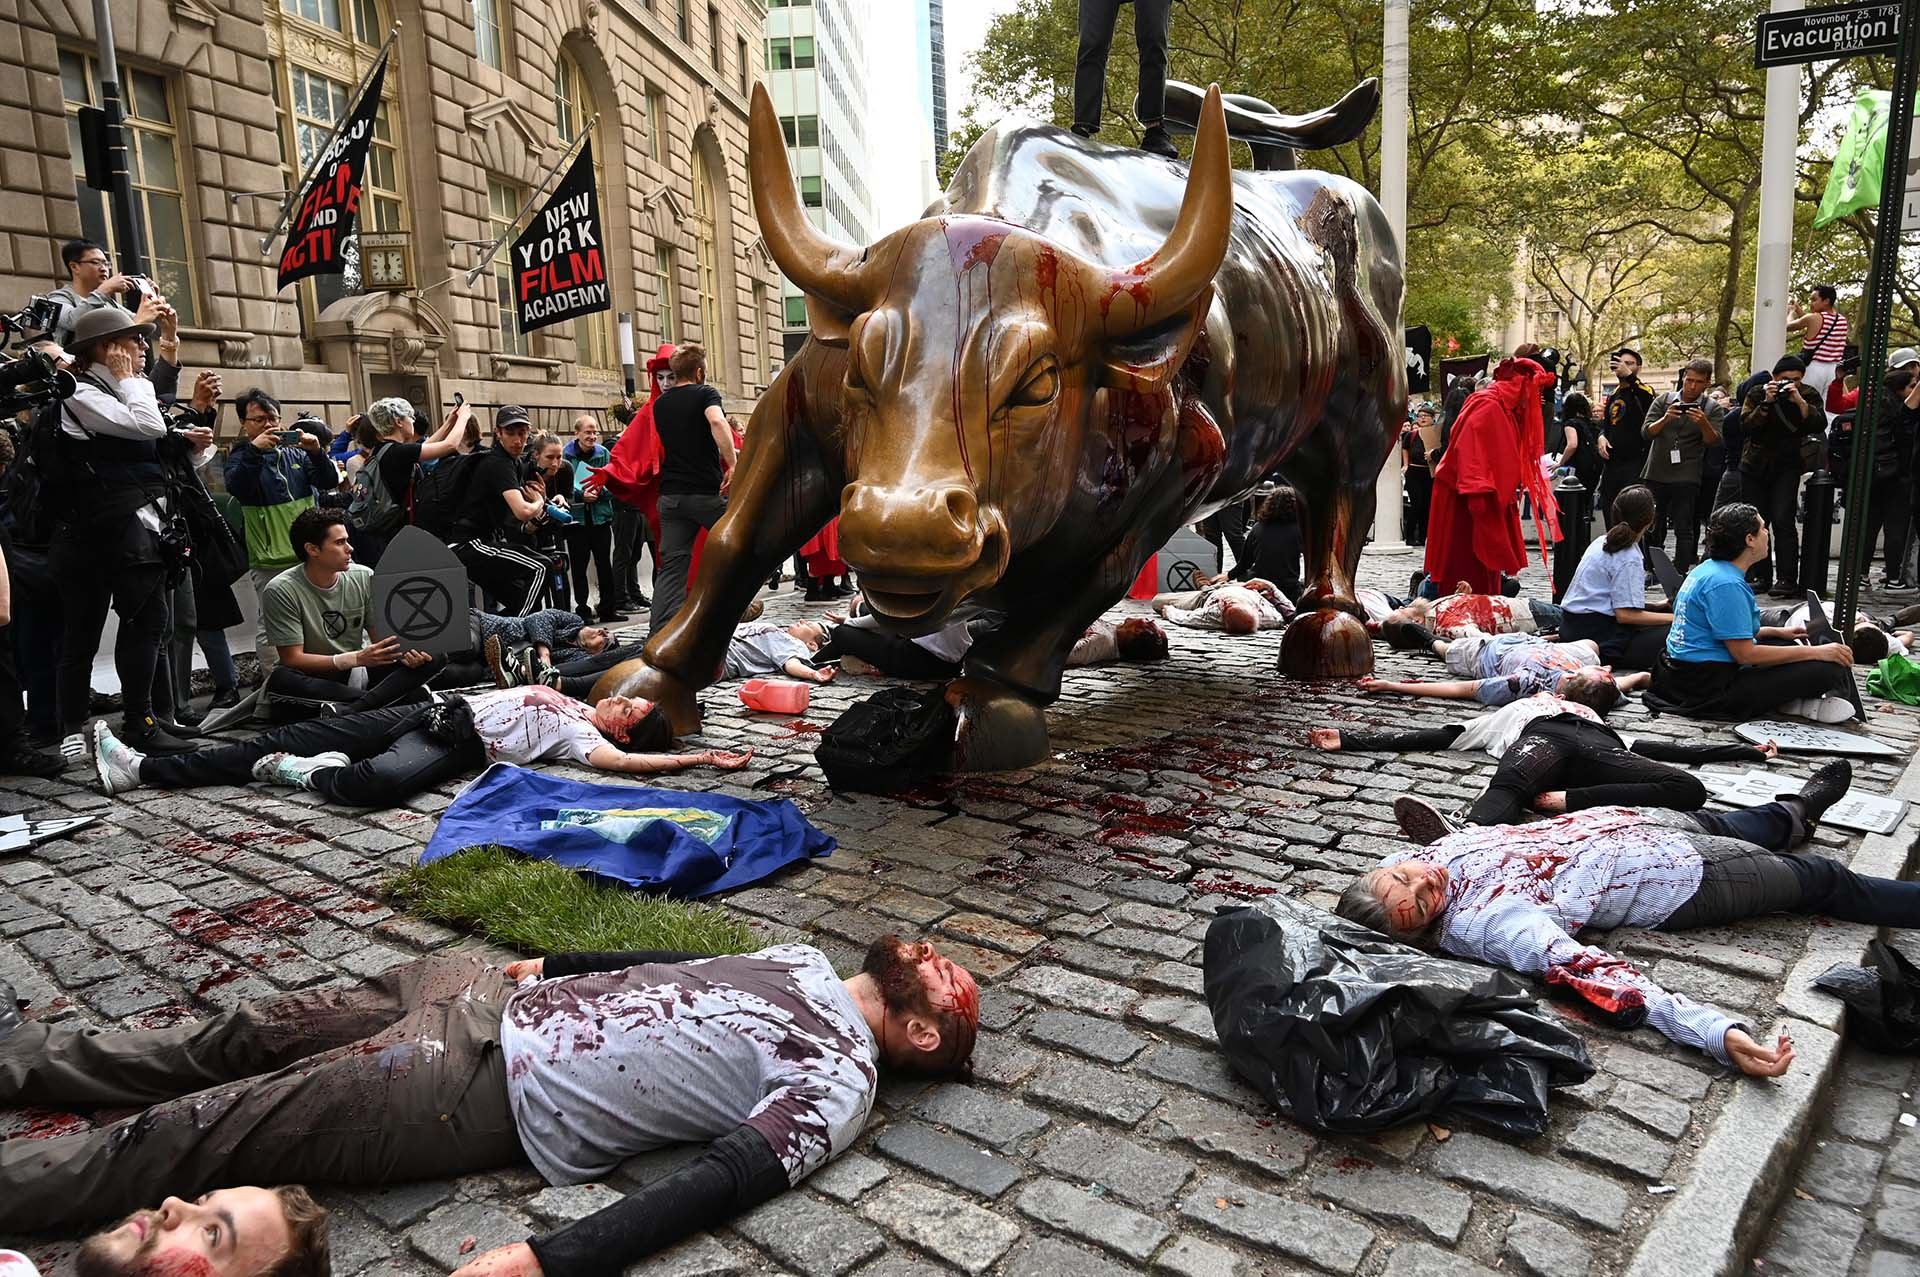 Los manifestantes cubiertos de sangre falsa se reúnen alrededor del Wall Street Bull durante una manifestación de